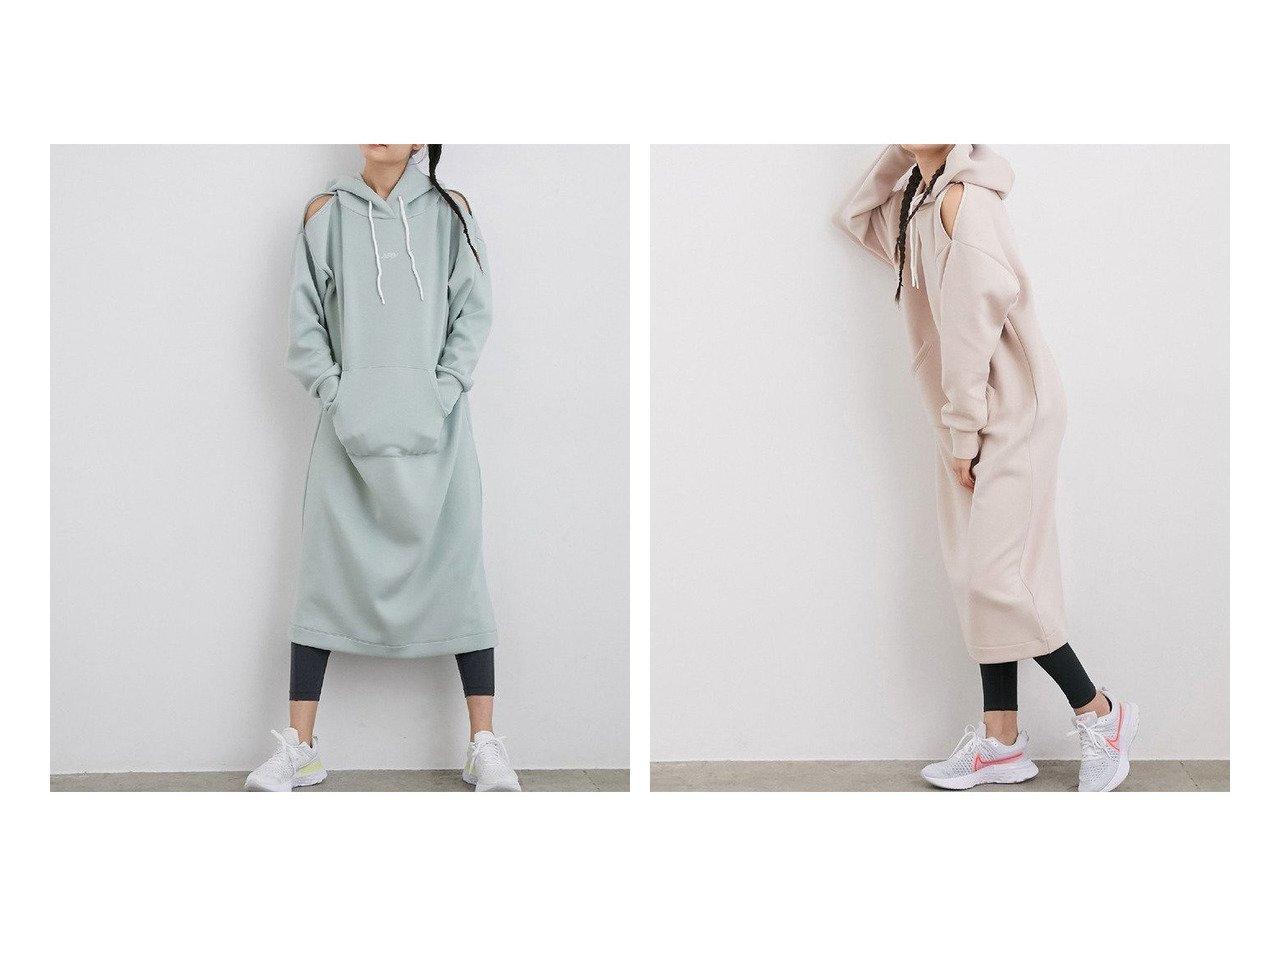 【NERGY/ナージー】の【Active Puff】UV ショルダースラッシュワンピース ワンピース・ドレスのおすすめ!人気、トレンド・レディースファッションの通販  おすすめで人気の流行・トレンド、ファッションの通販商品 メンズファッション・キッズファッション・インテリア・家具・レディースファッション・服の通販 founy(ファニー) https://founy.com/ ファッション Fashion レディースファッション WOMEN ワンピース Dress NEW・新作・新着・新入荷 New Arrivals ジップ |ID:crp329100000022744